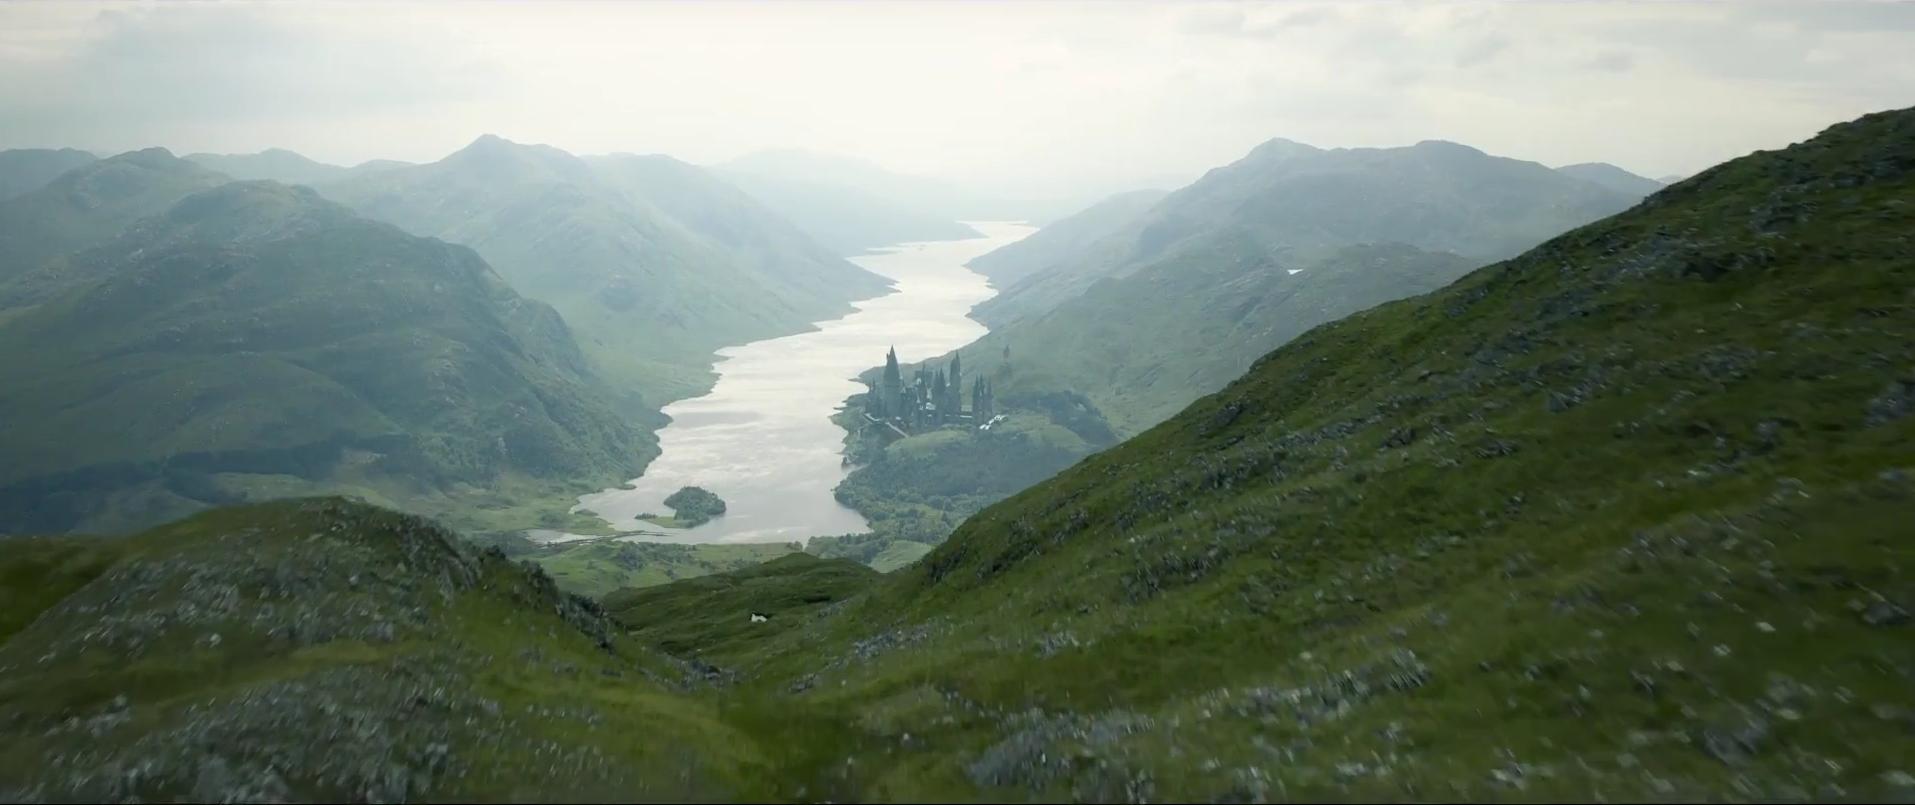 Les Crimes de Grindelwald : analyse détaillée de la bande annonce